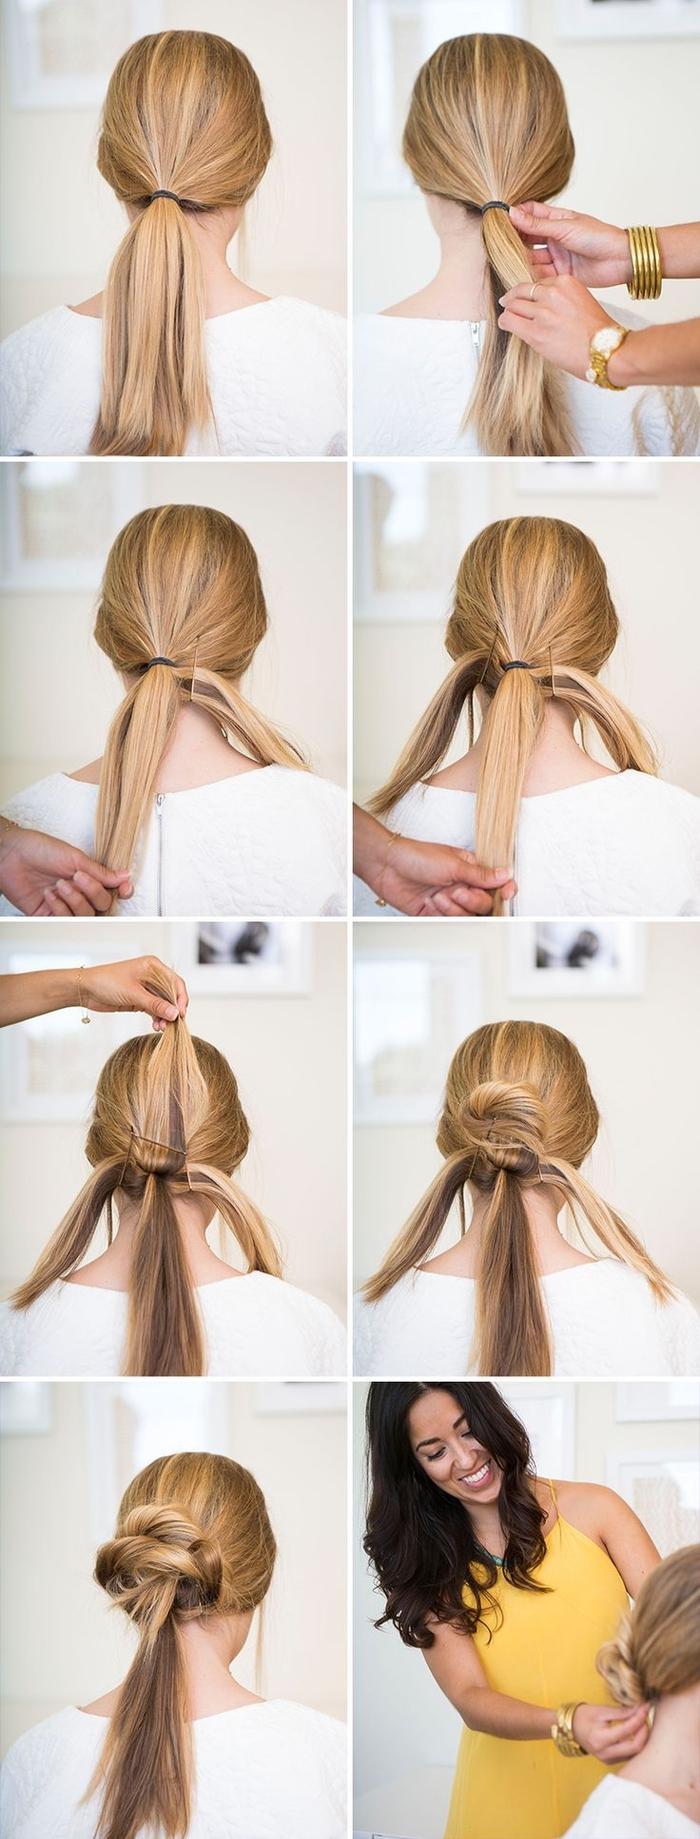 une coiffure mariage facile réalisée à partir d'une queue-de-cheval basse séparée en mèches façonnées en chignon romantique